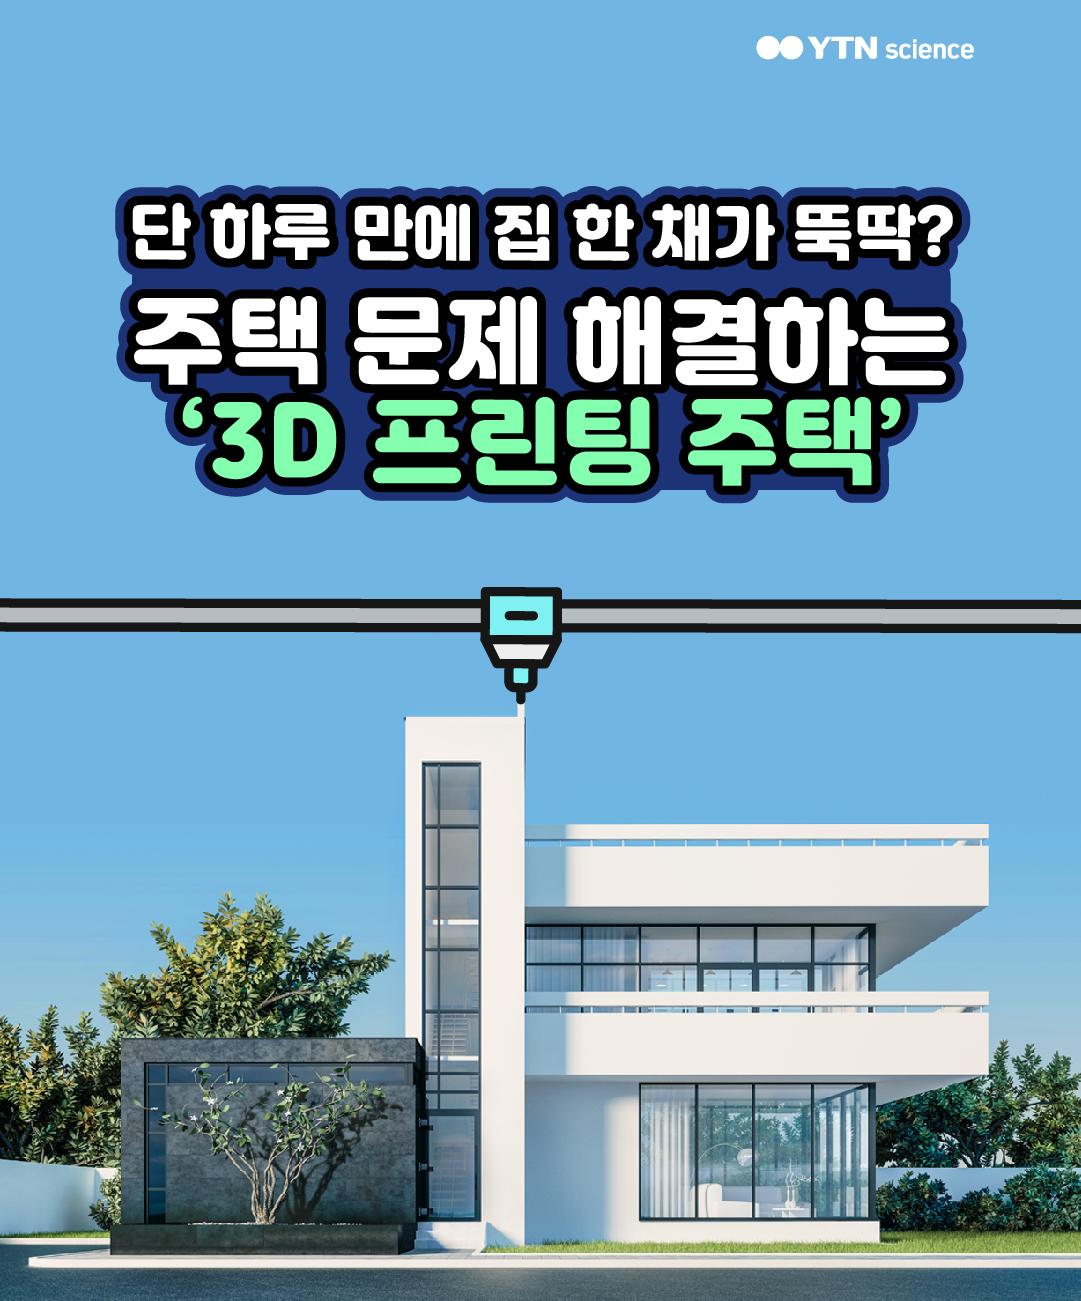 단 하루 만에 집 한 채가 뚝딱? 주택 문제 해결하는 '3D 프린팅 주택' 이미지